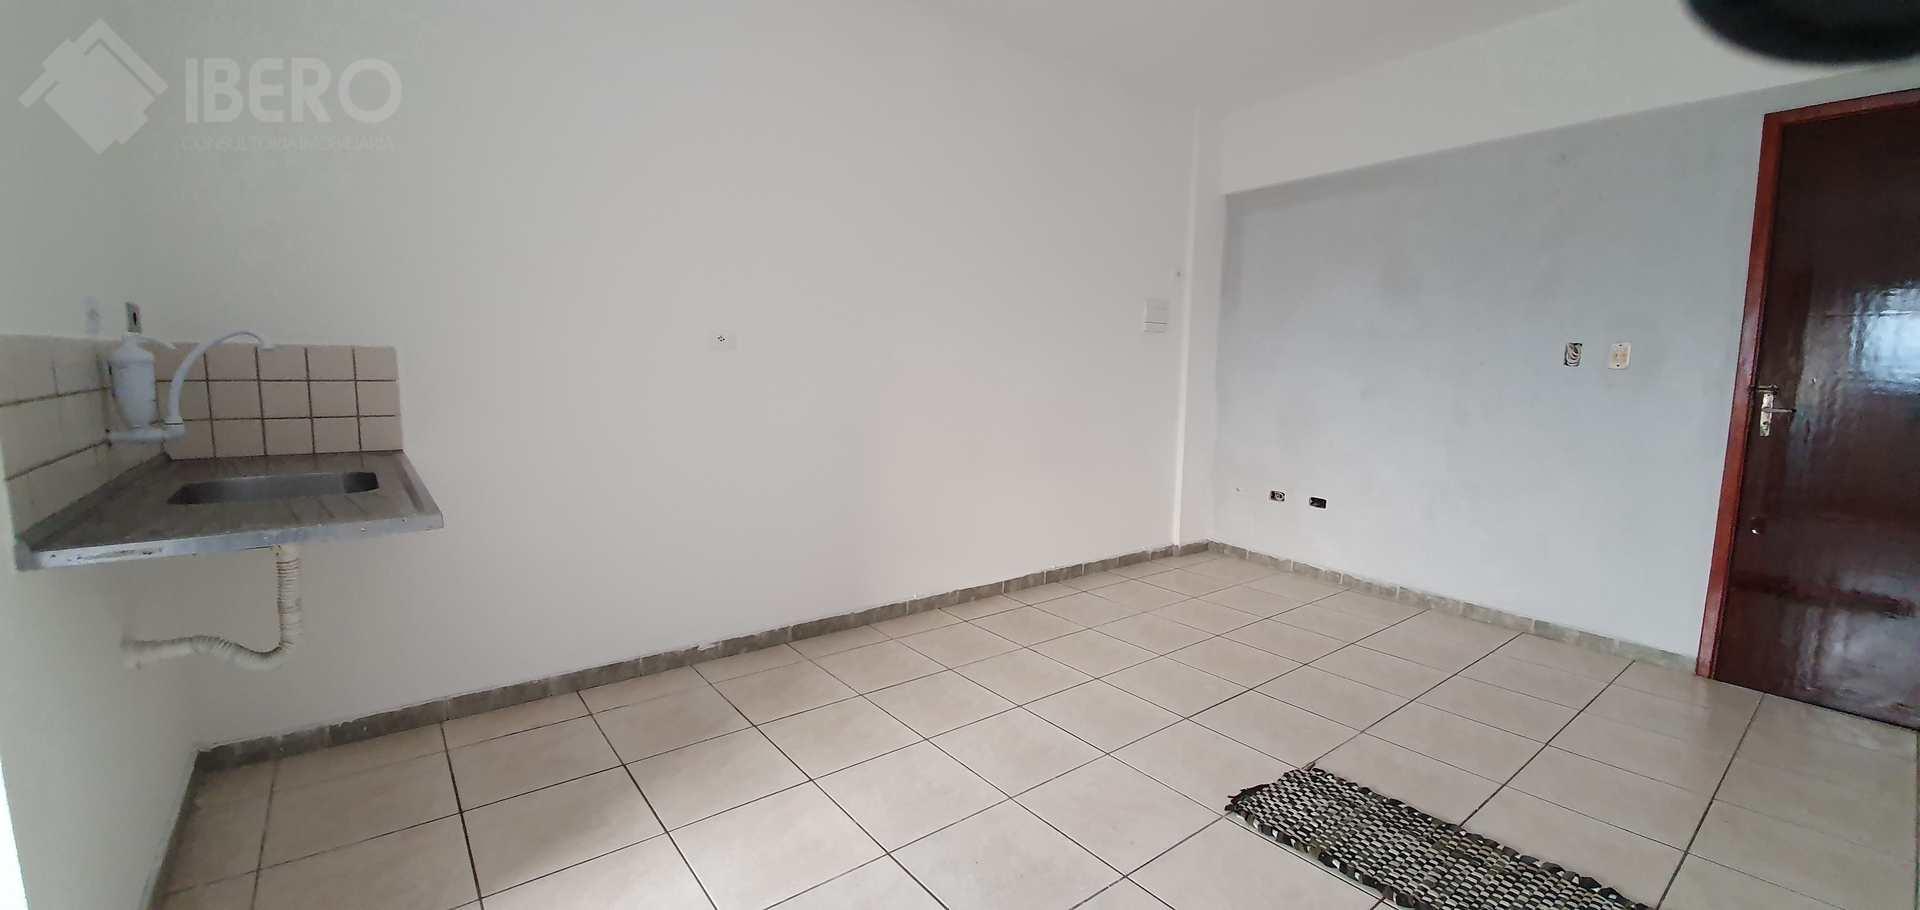 Kitnet com 1 dorm, Aviação, Praia Grande - R$ 110 mil, Cod: 1534